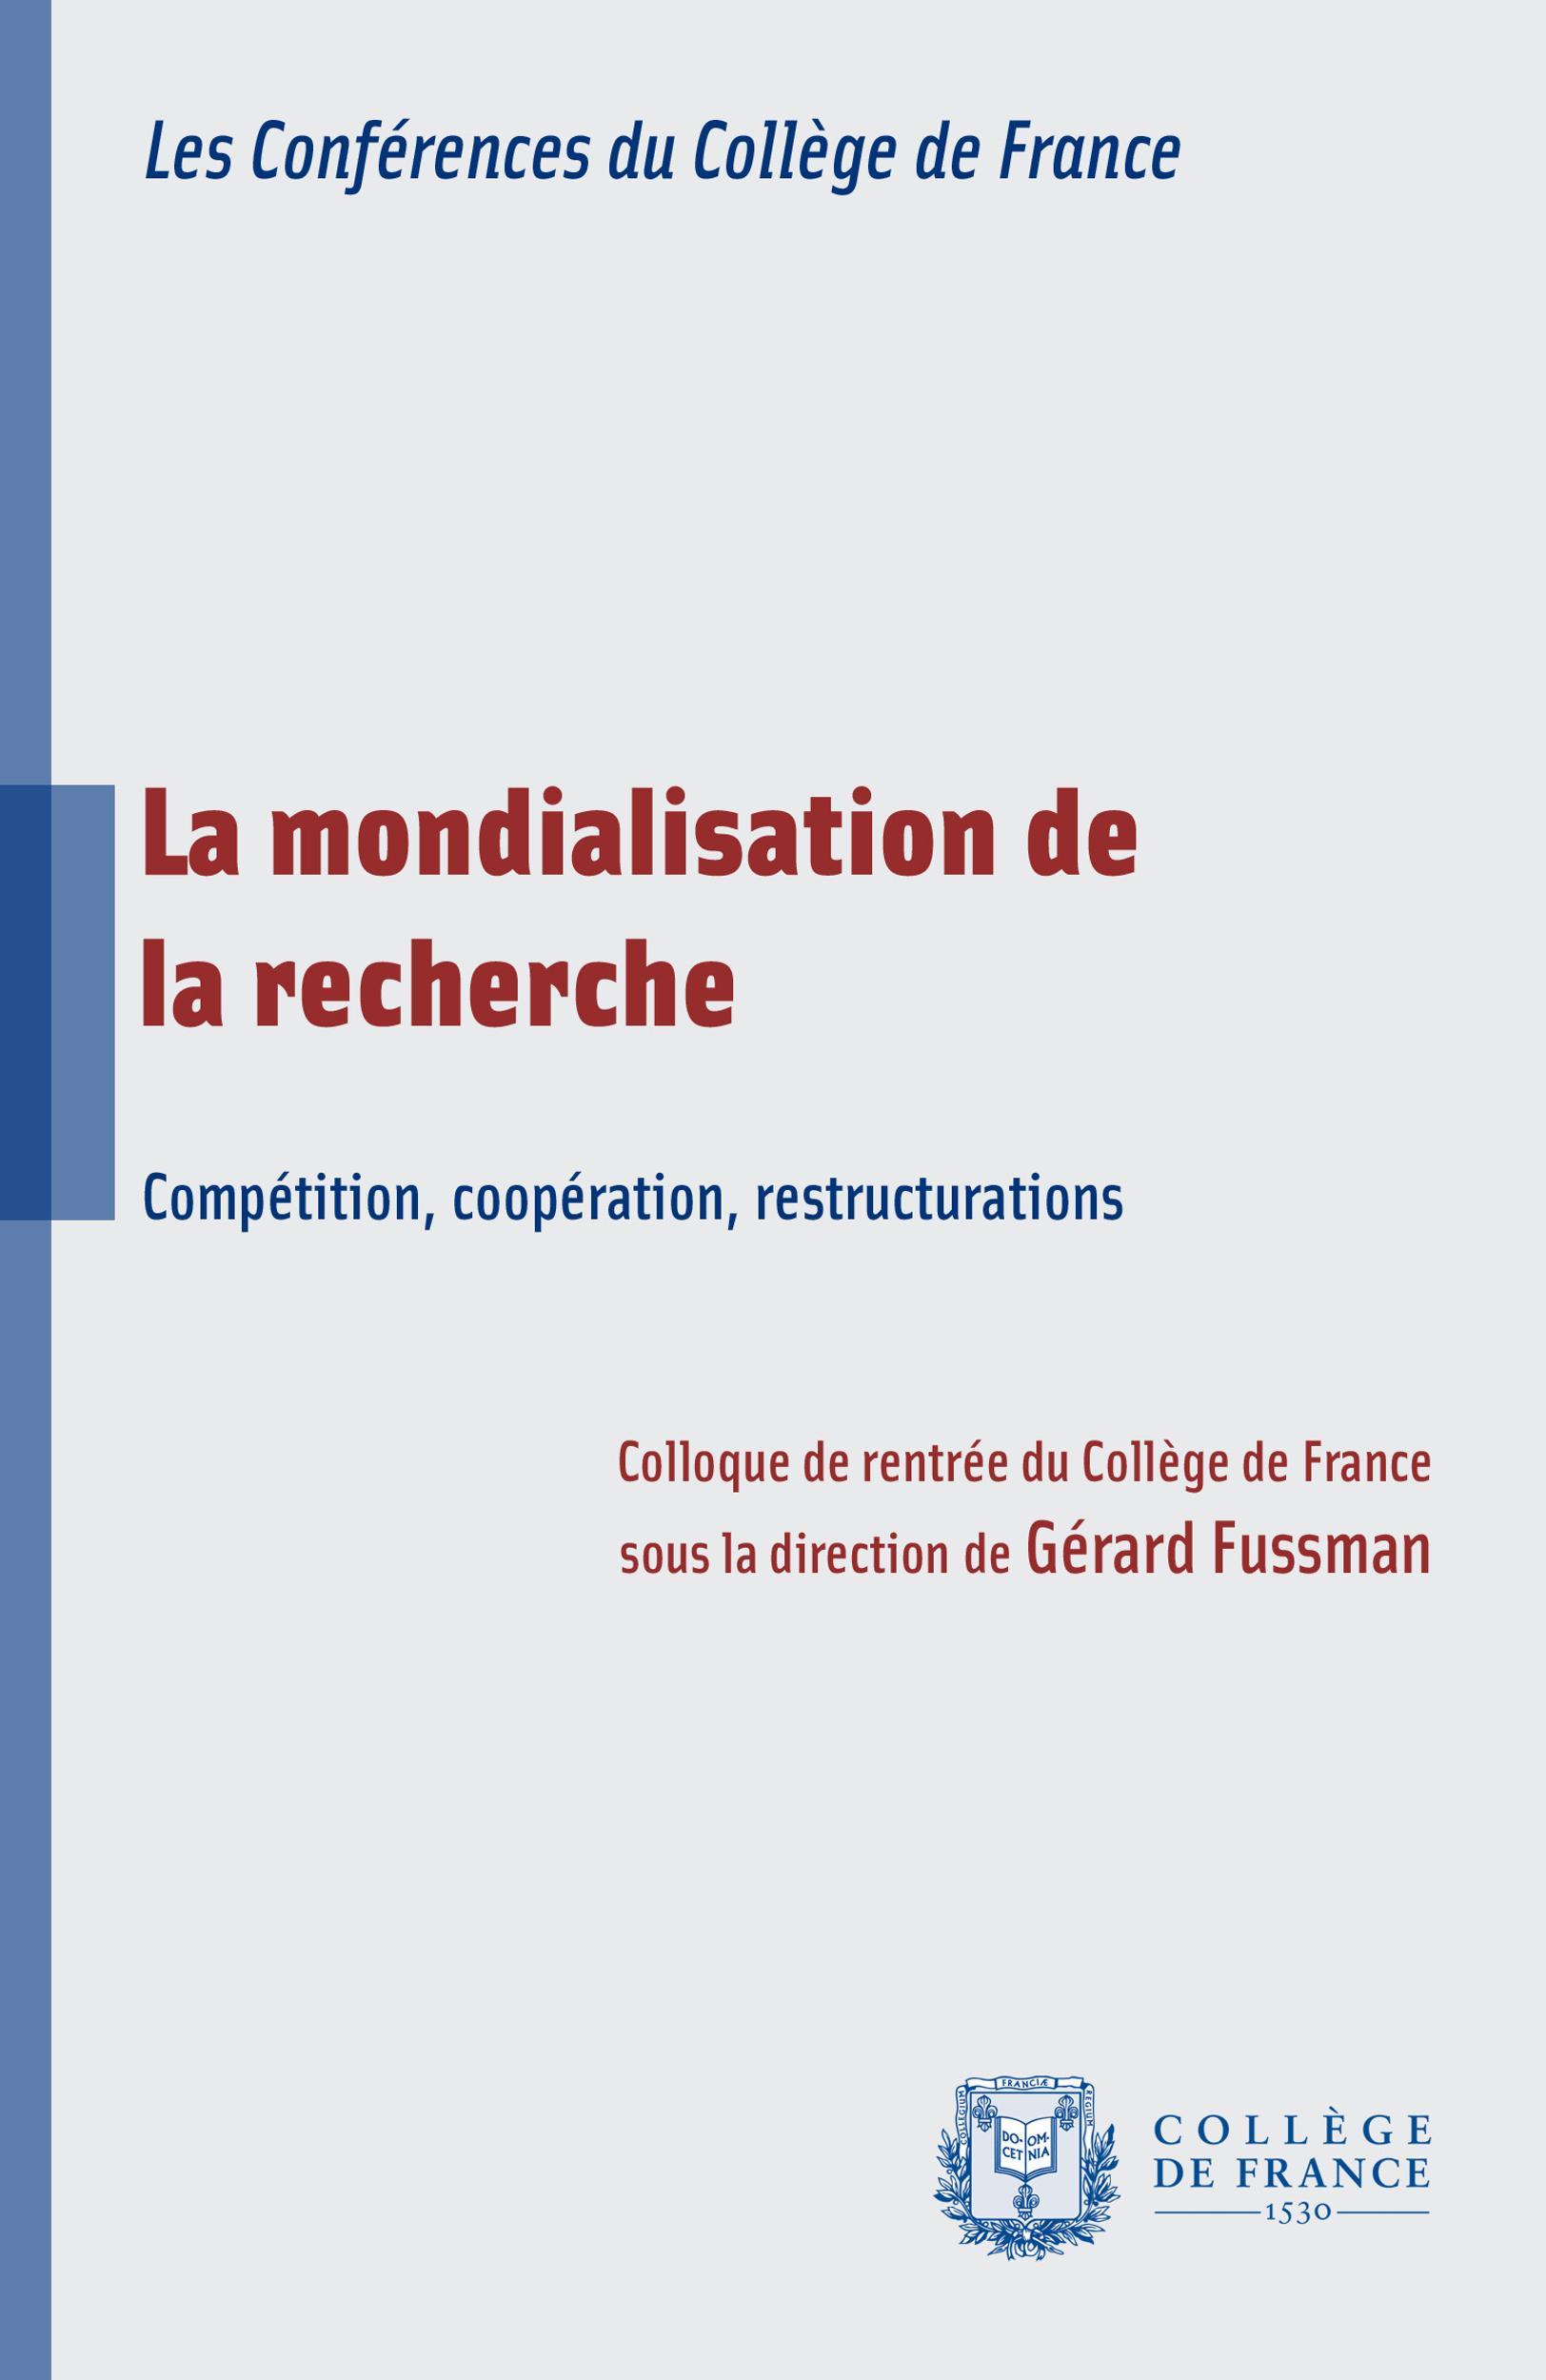 La mondialisation de la recherche, COMPÉTITION, COOPÉRATIONS, RESTRUCTURATIONS